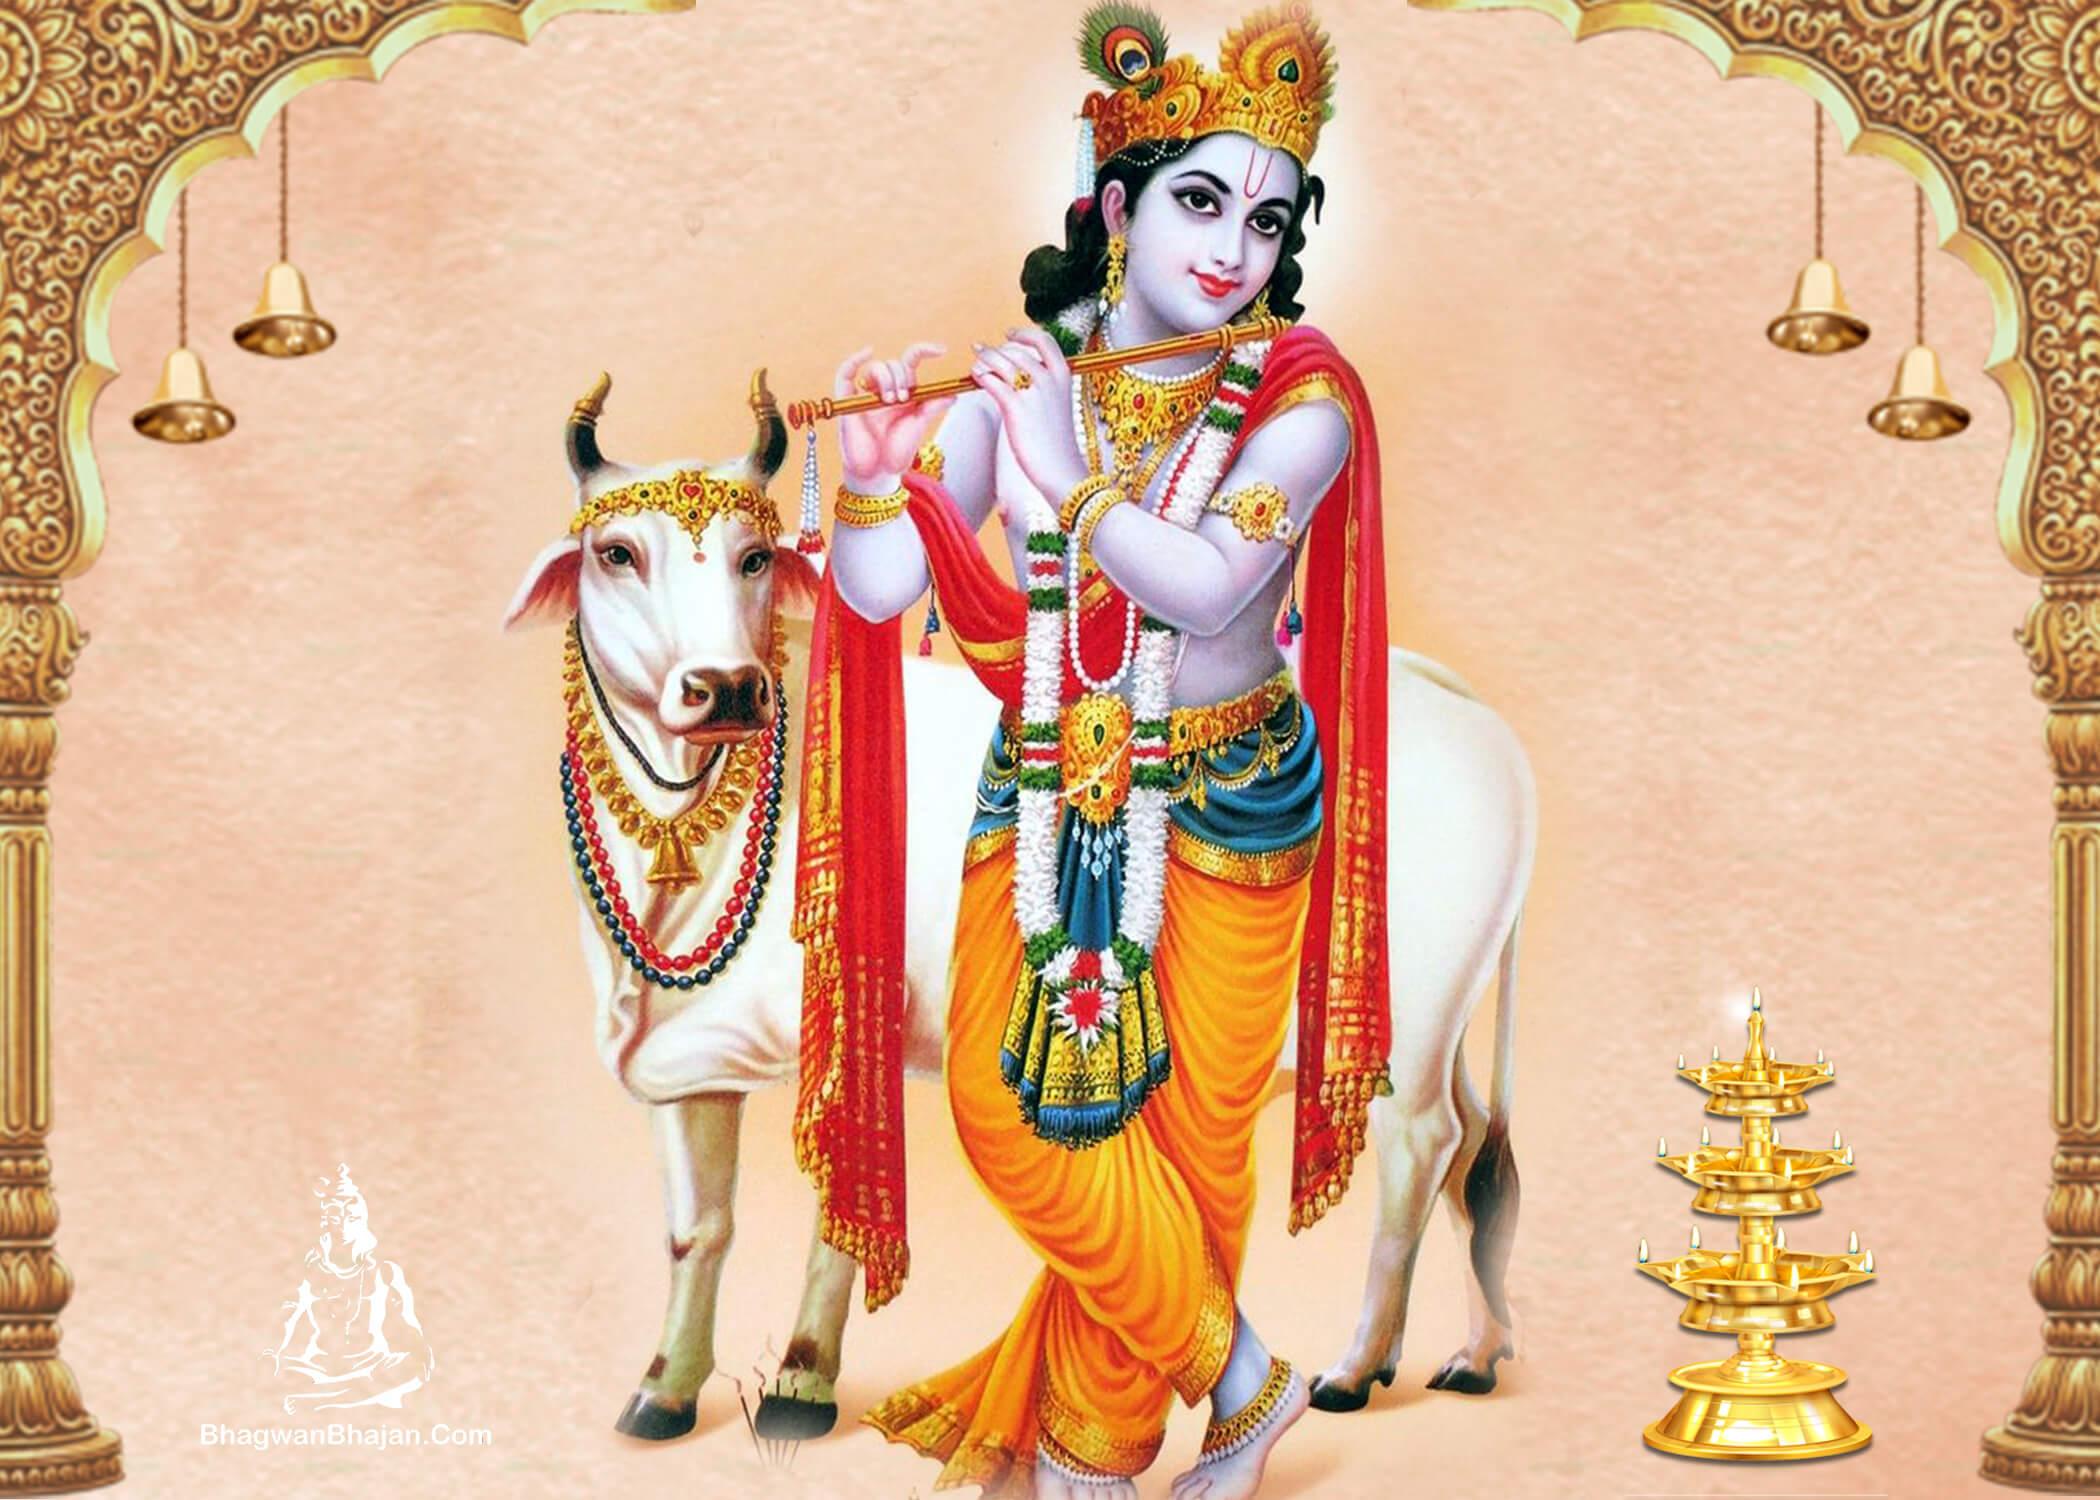 shri krishna photos hd